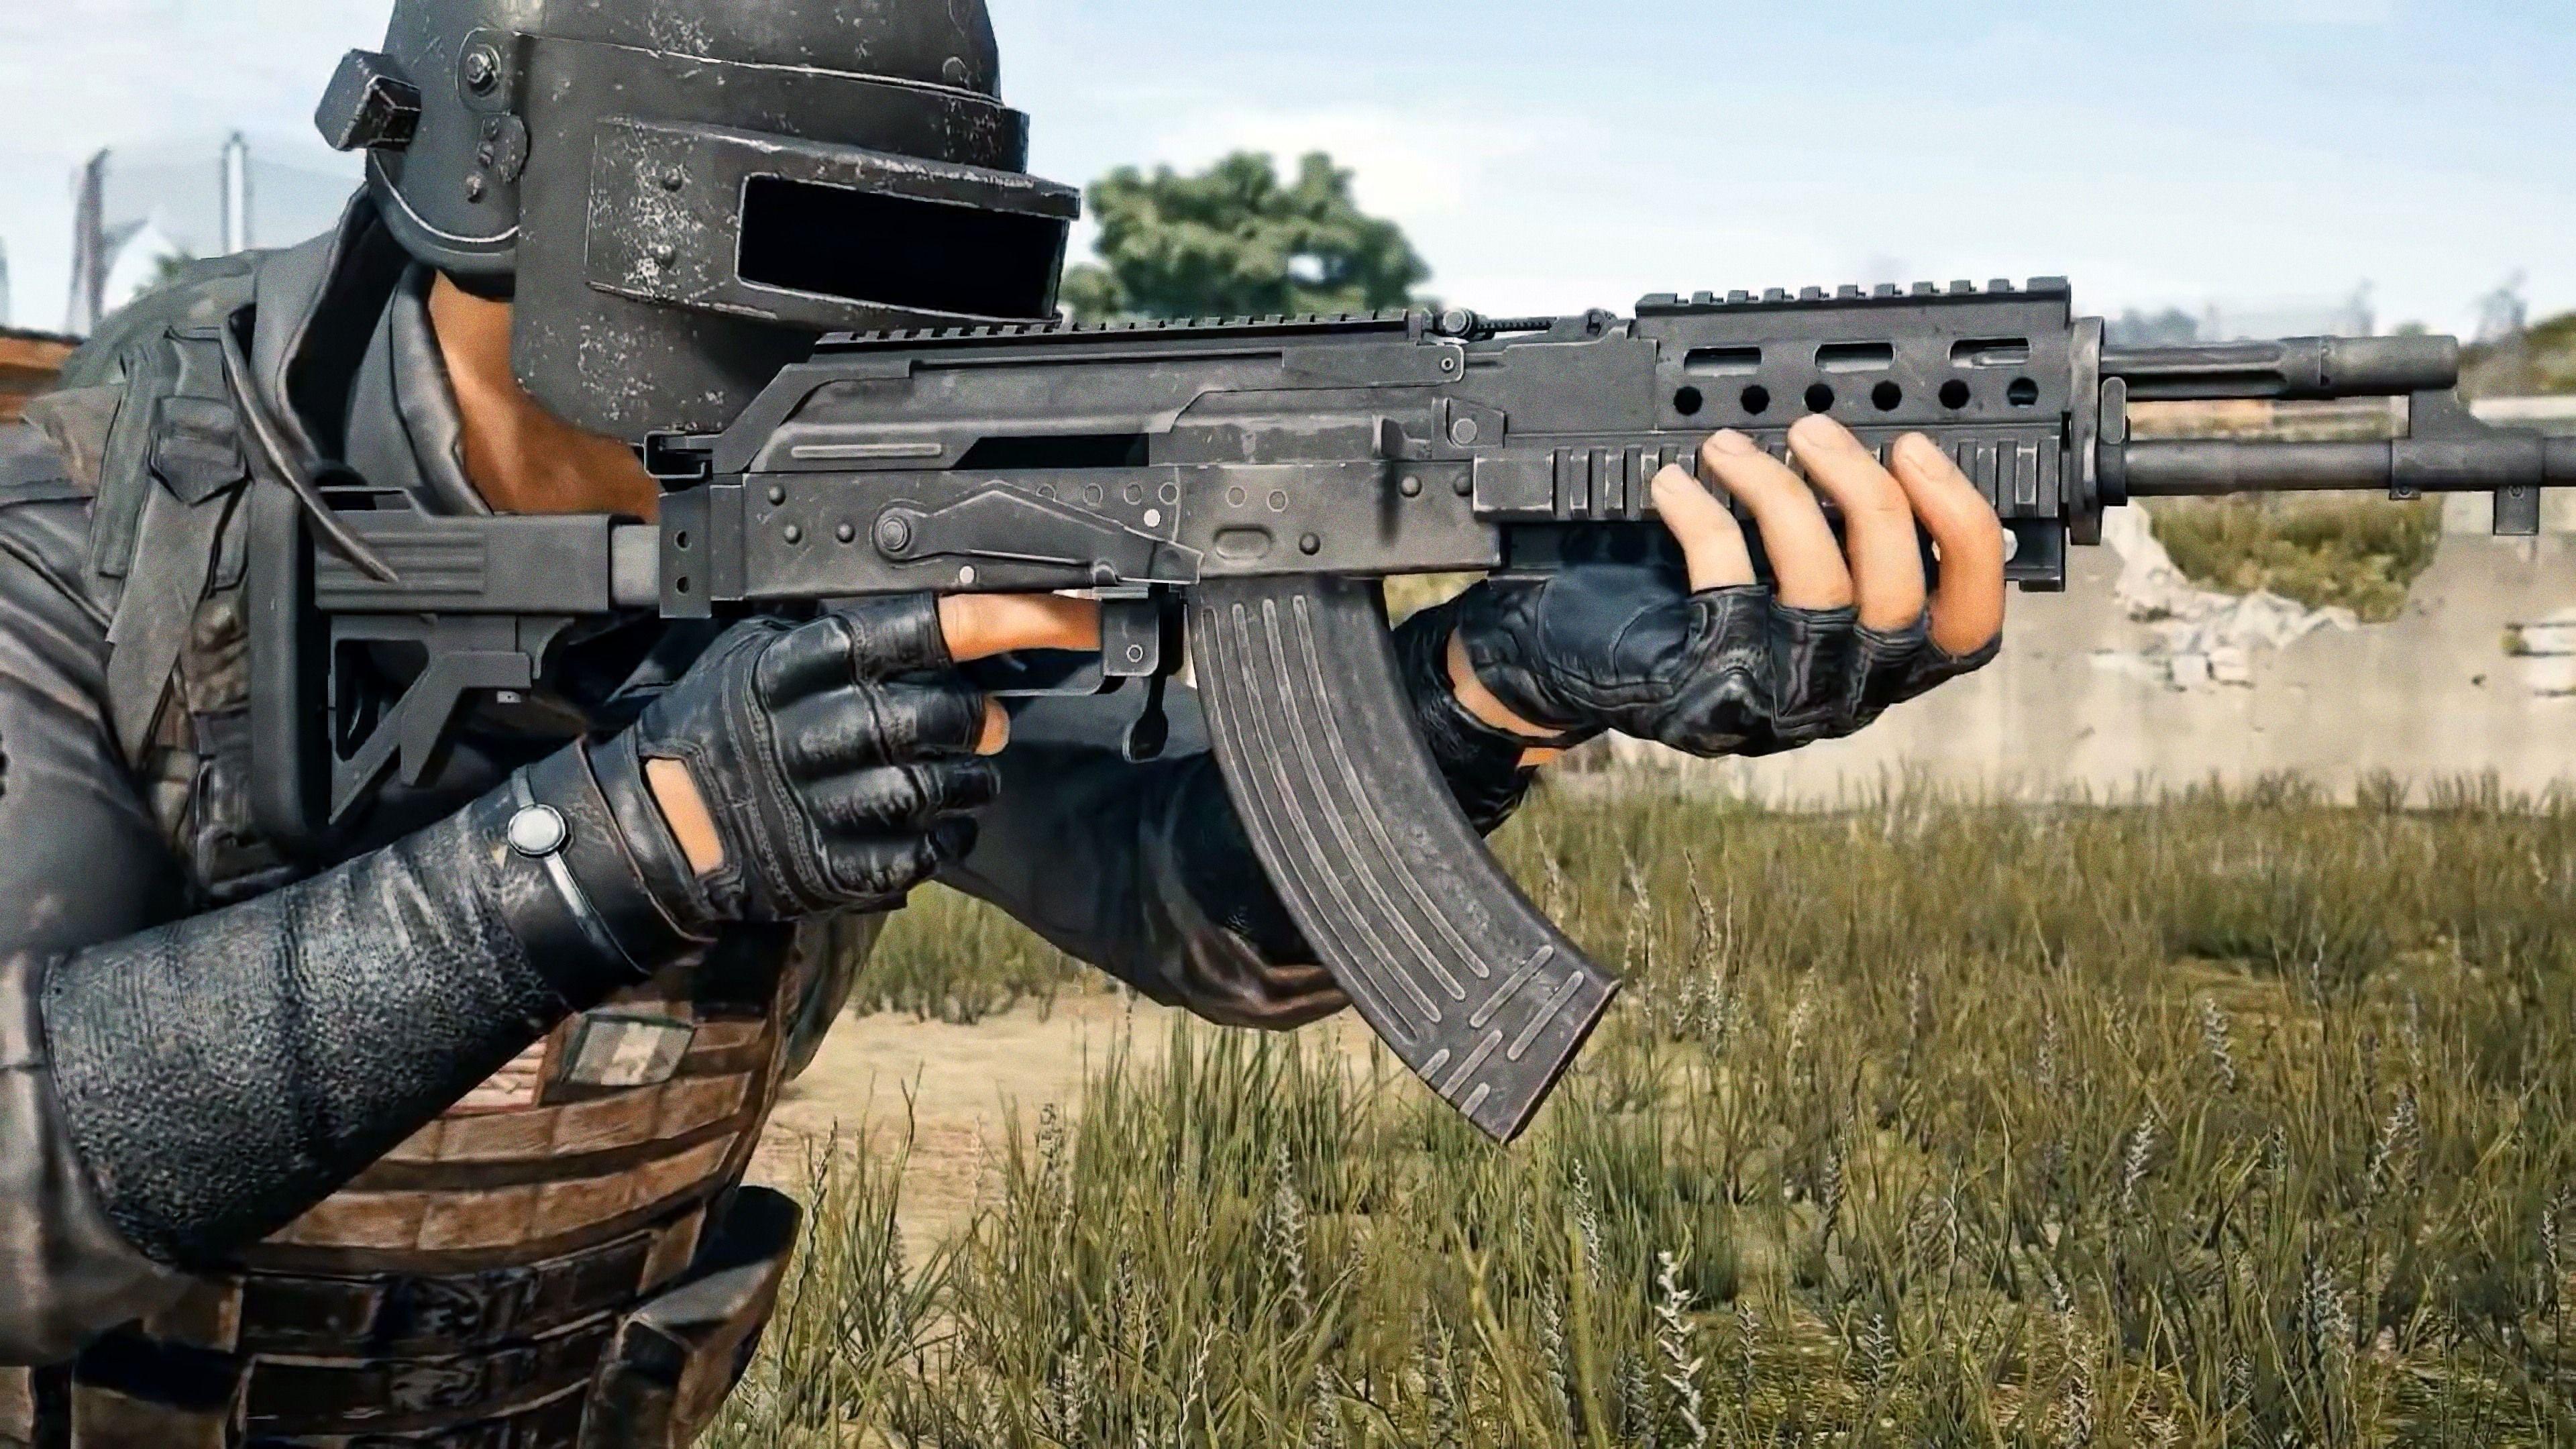 Wallpaper Pubg Video Games Playerunknown S: Beryl M762, Assault Rifle, PlayerUnknown's Battlegrounds